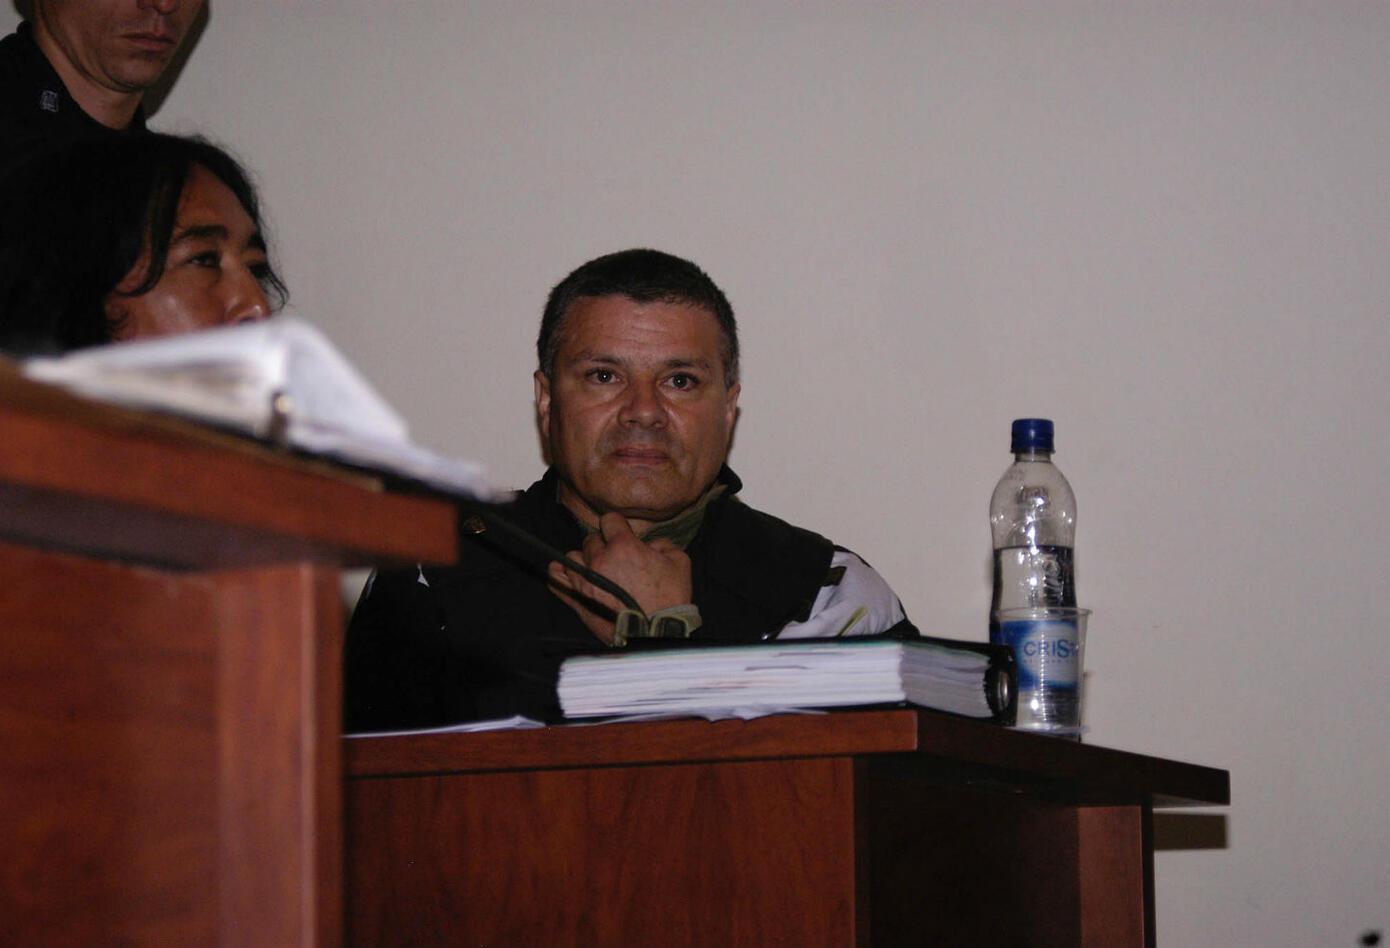 Septiembre de 2008. Orlando Pelayo secuestró y luego asesinó a su hijo de once meses, el pequeño Luis Santiago.